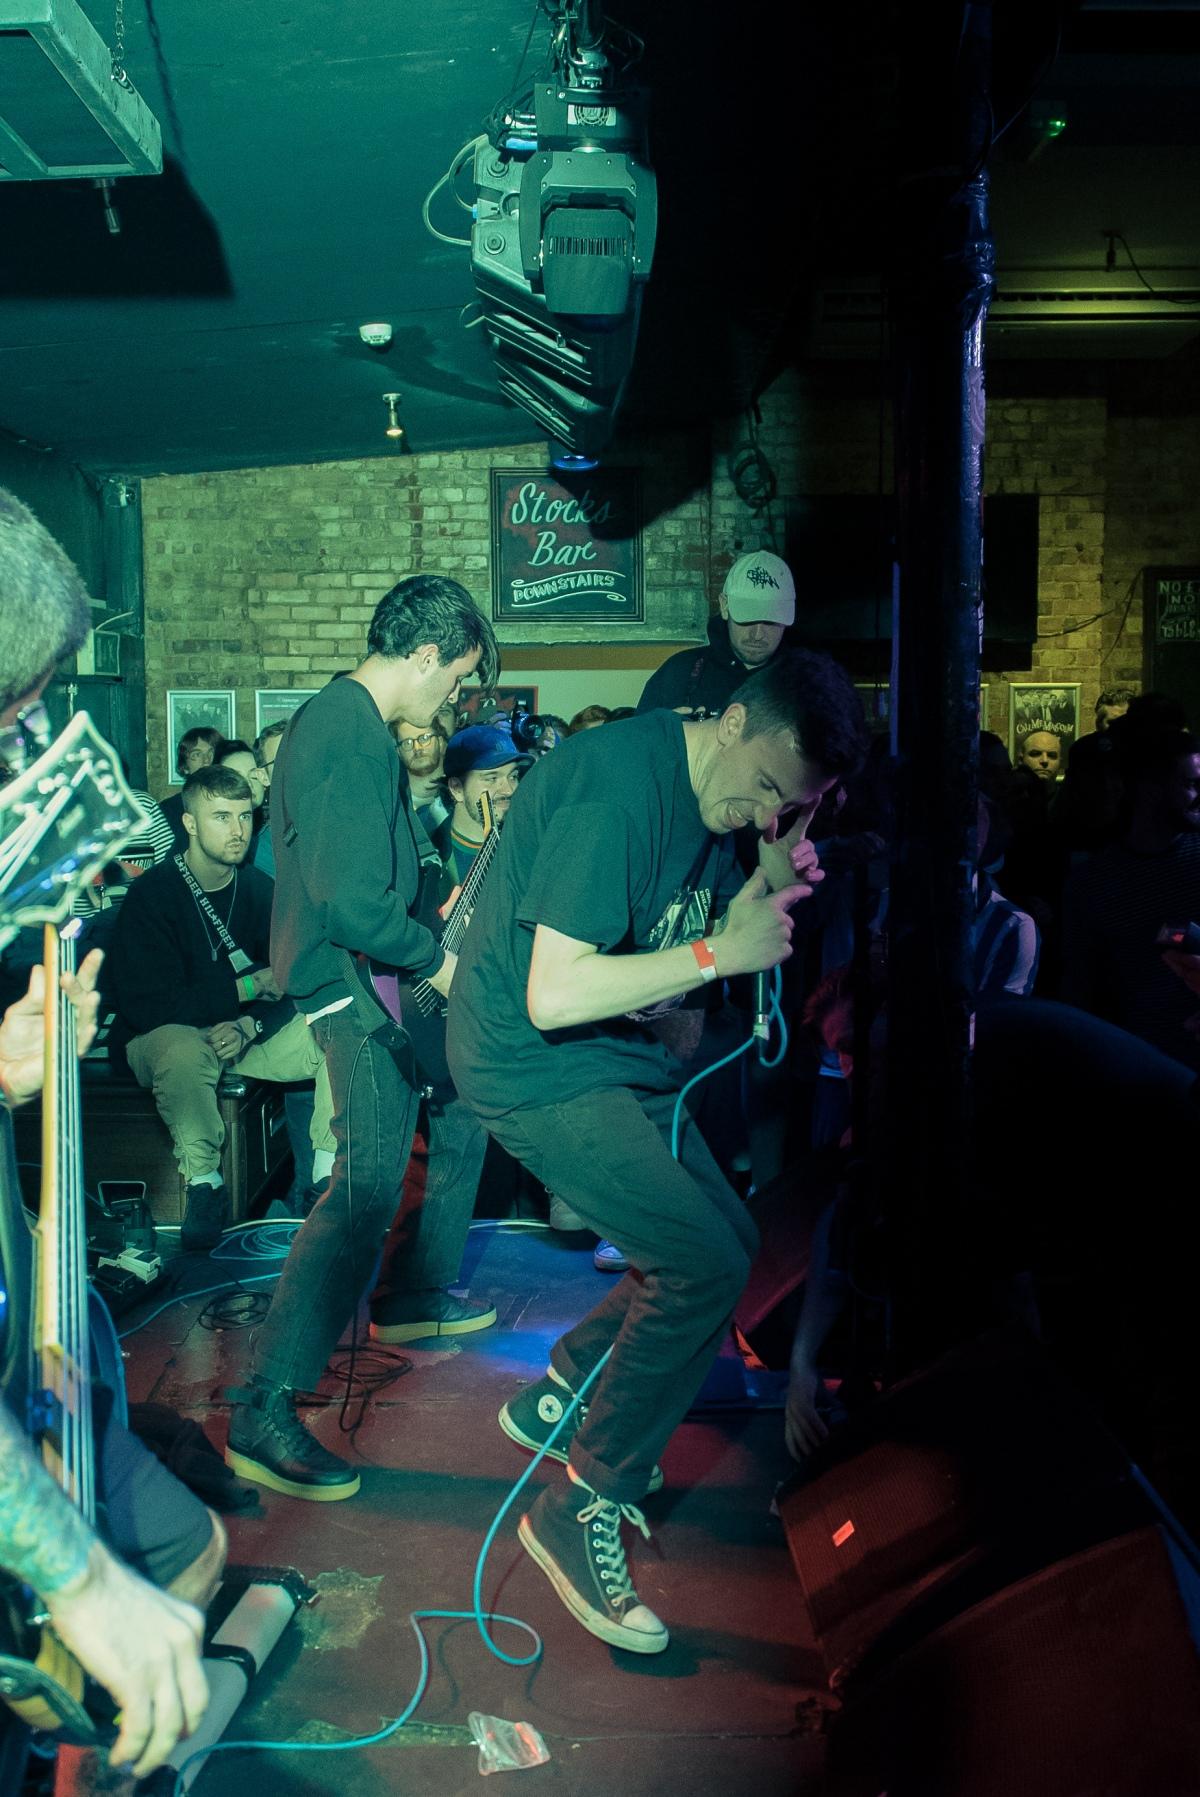 Sanction Upsurge Festival London